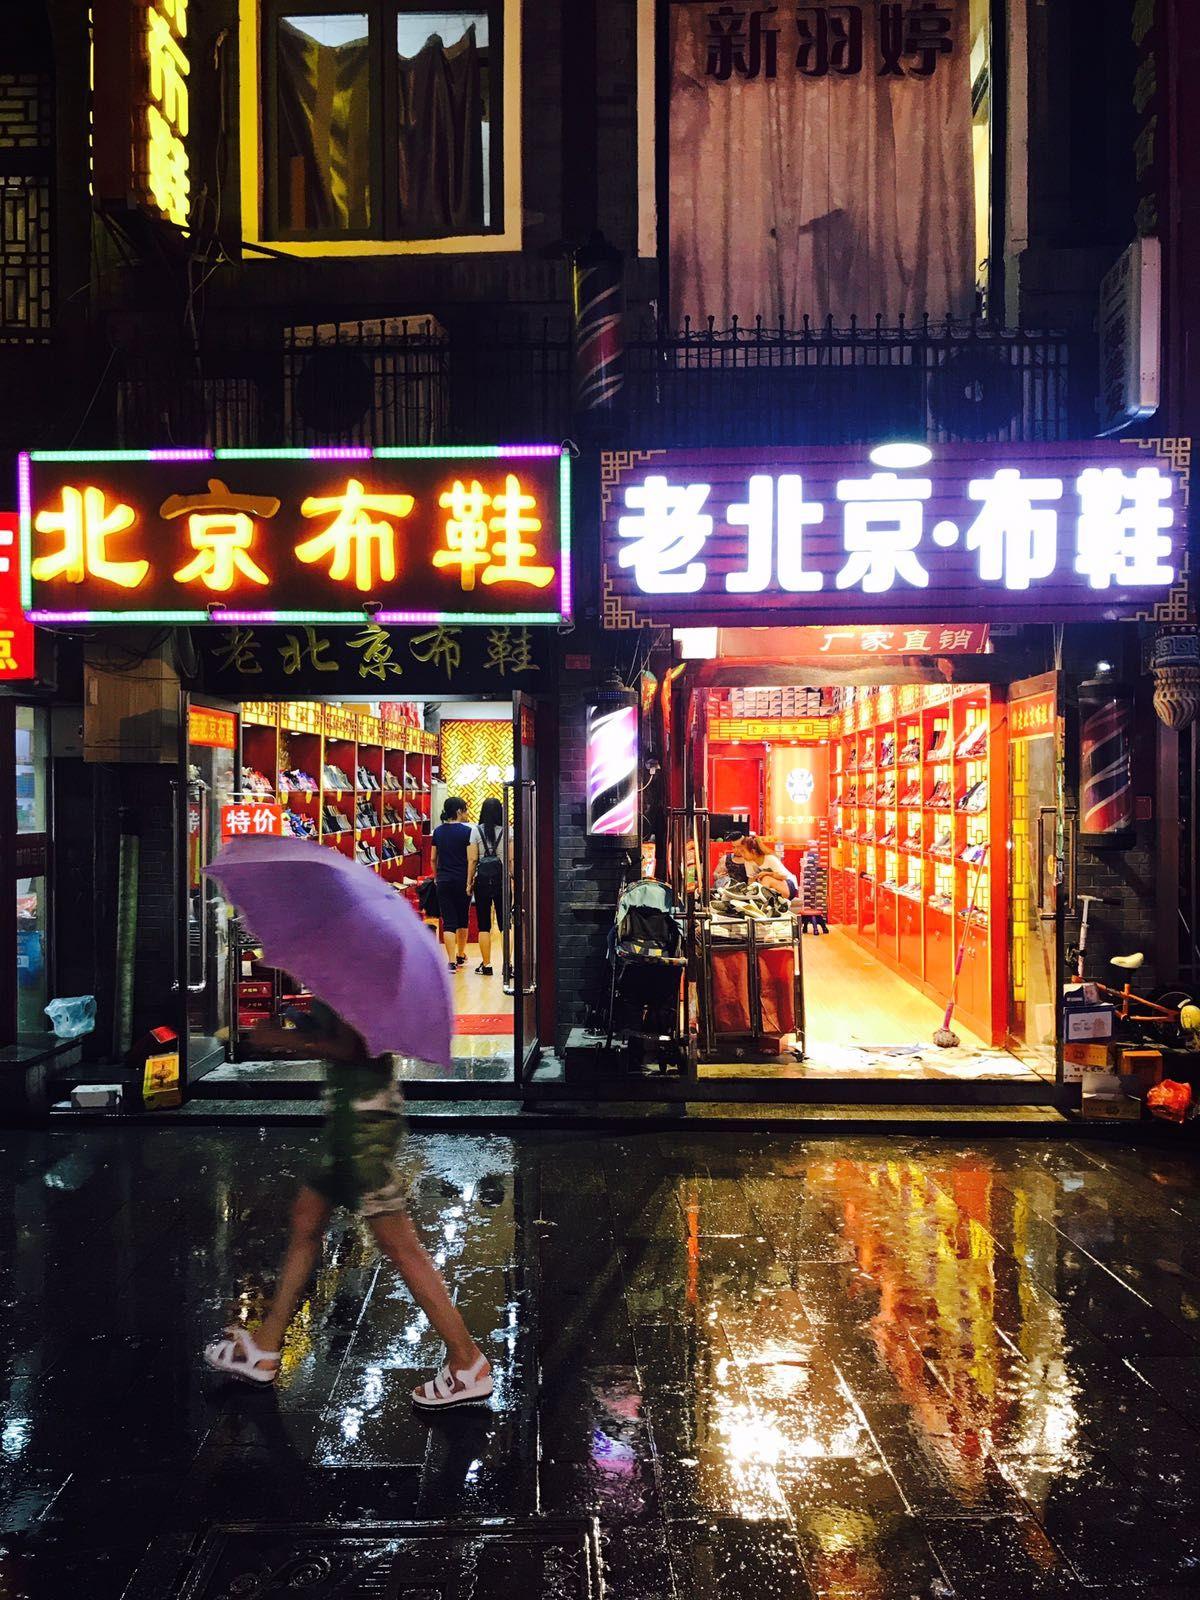 Beijing / Peking at night - China